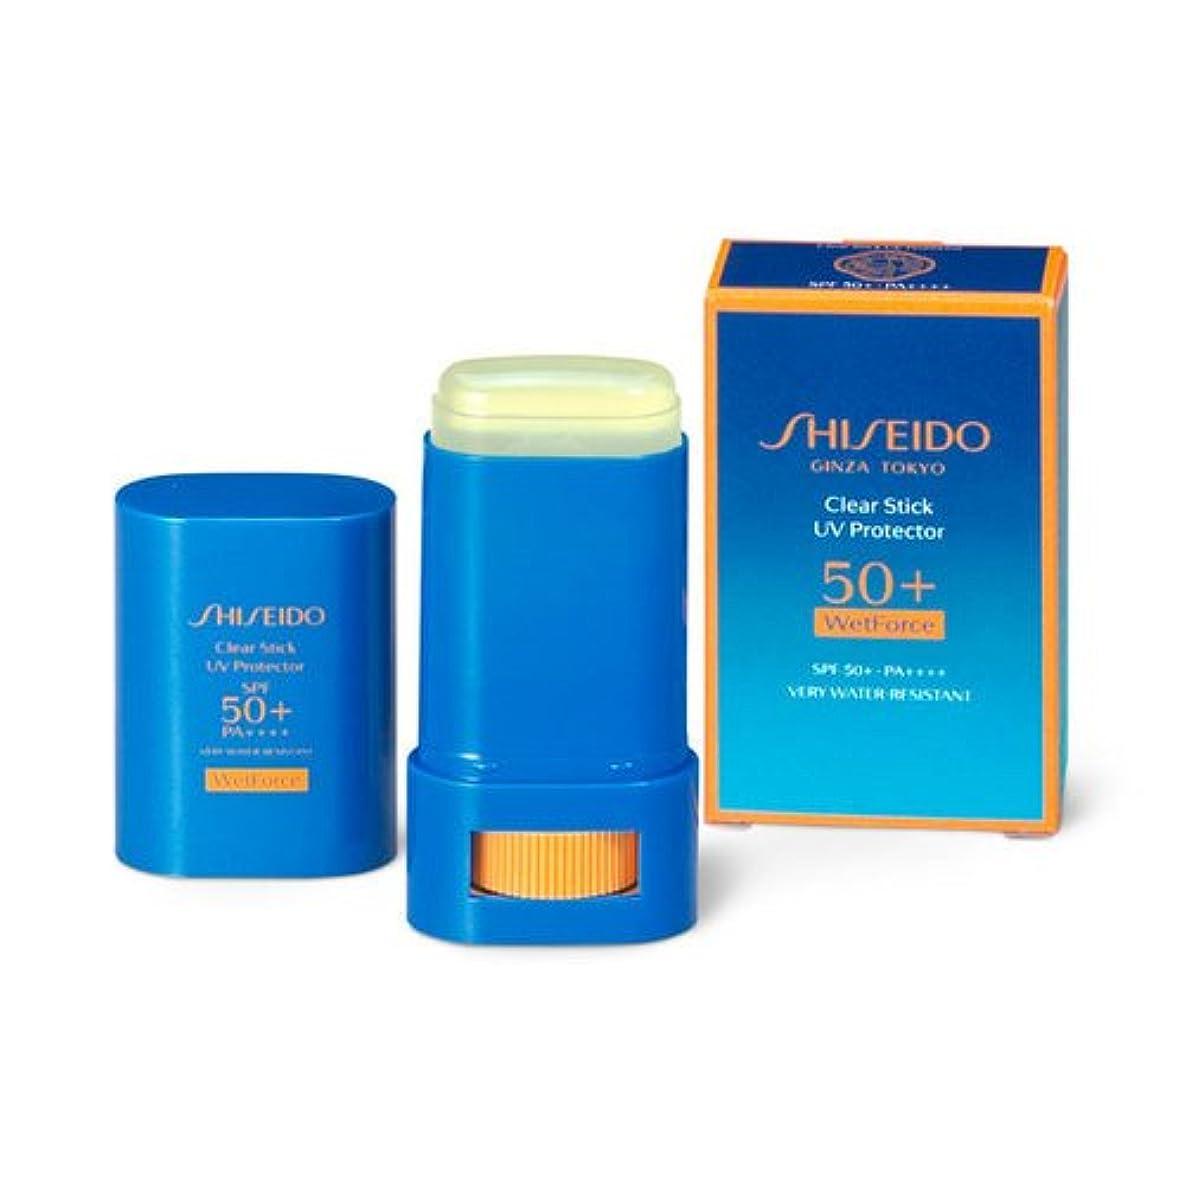 アームストロングデクリメントファランクスSHISEIDO Suncare(資生堂 サンケア) SHISEIDO(資生堂) クリアスティック UVプロテクター 15g